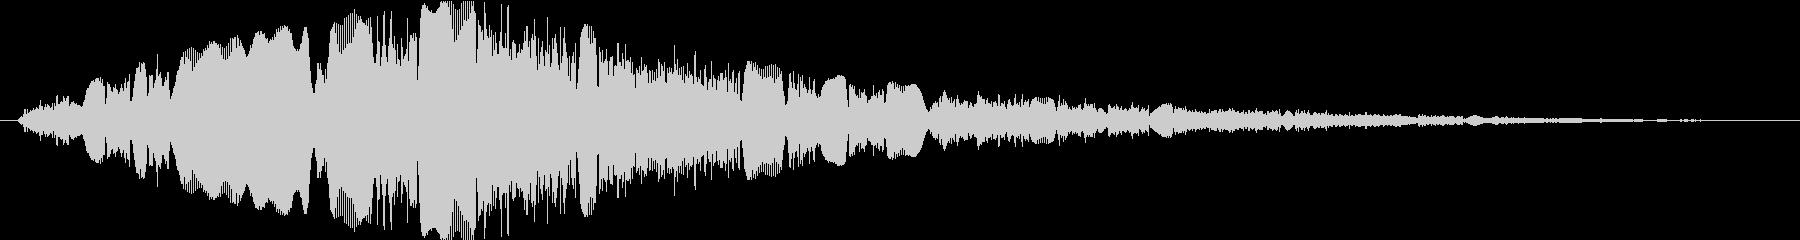 ピコピコピコピコの未再生の波形